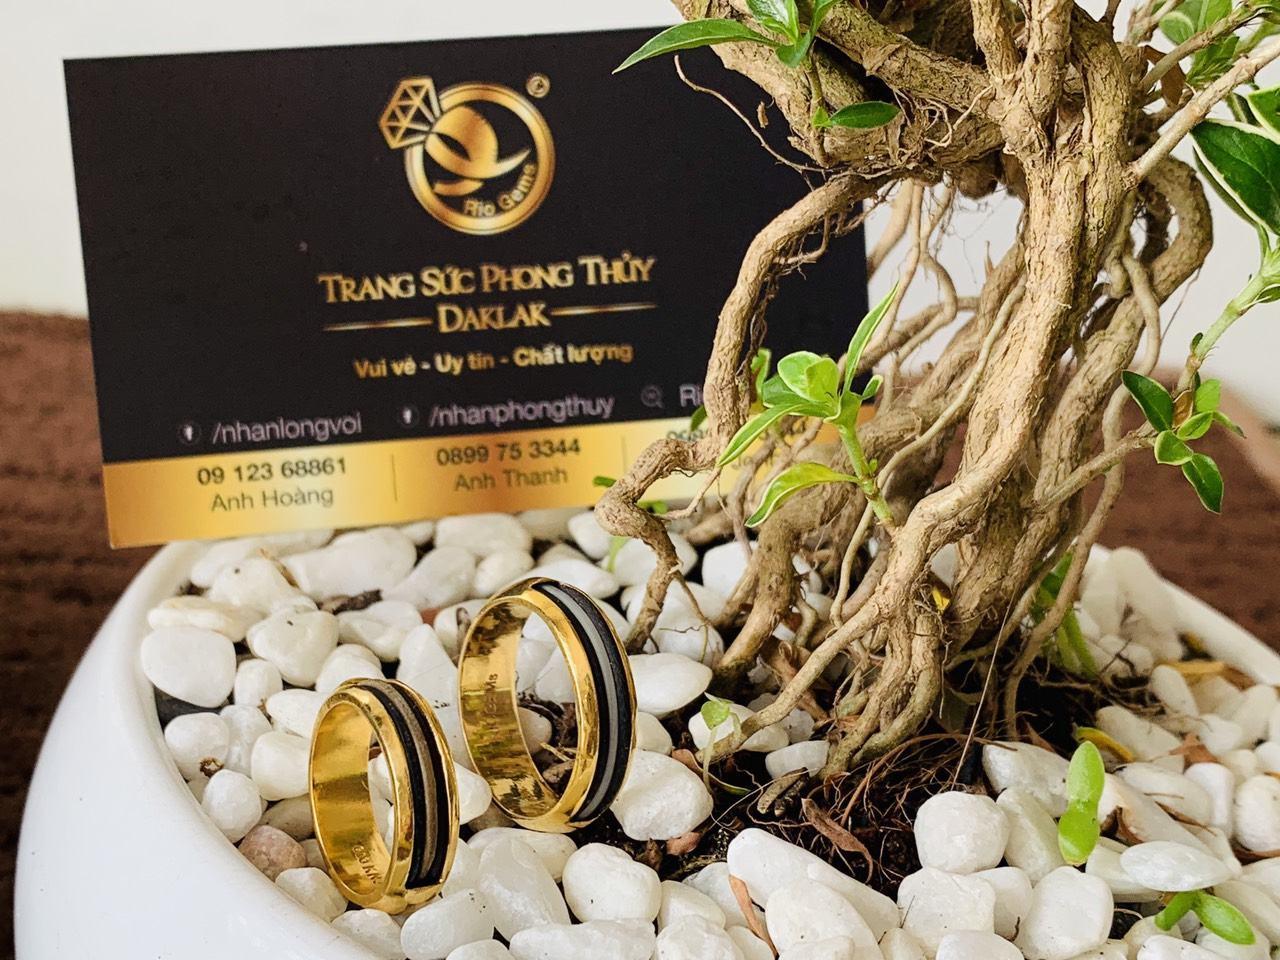 Cặp nhẫn cưới lông voi trắng 3 sợi phong thủy